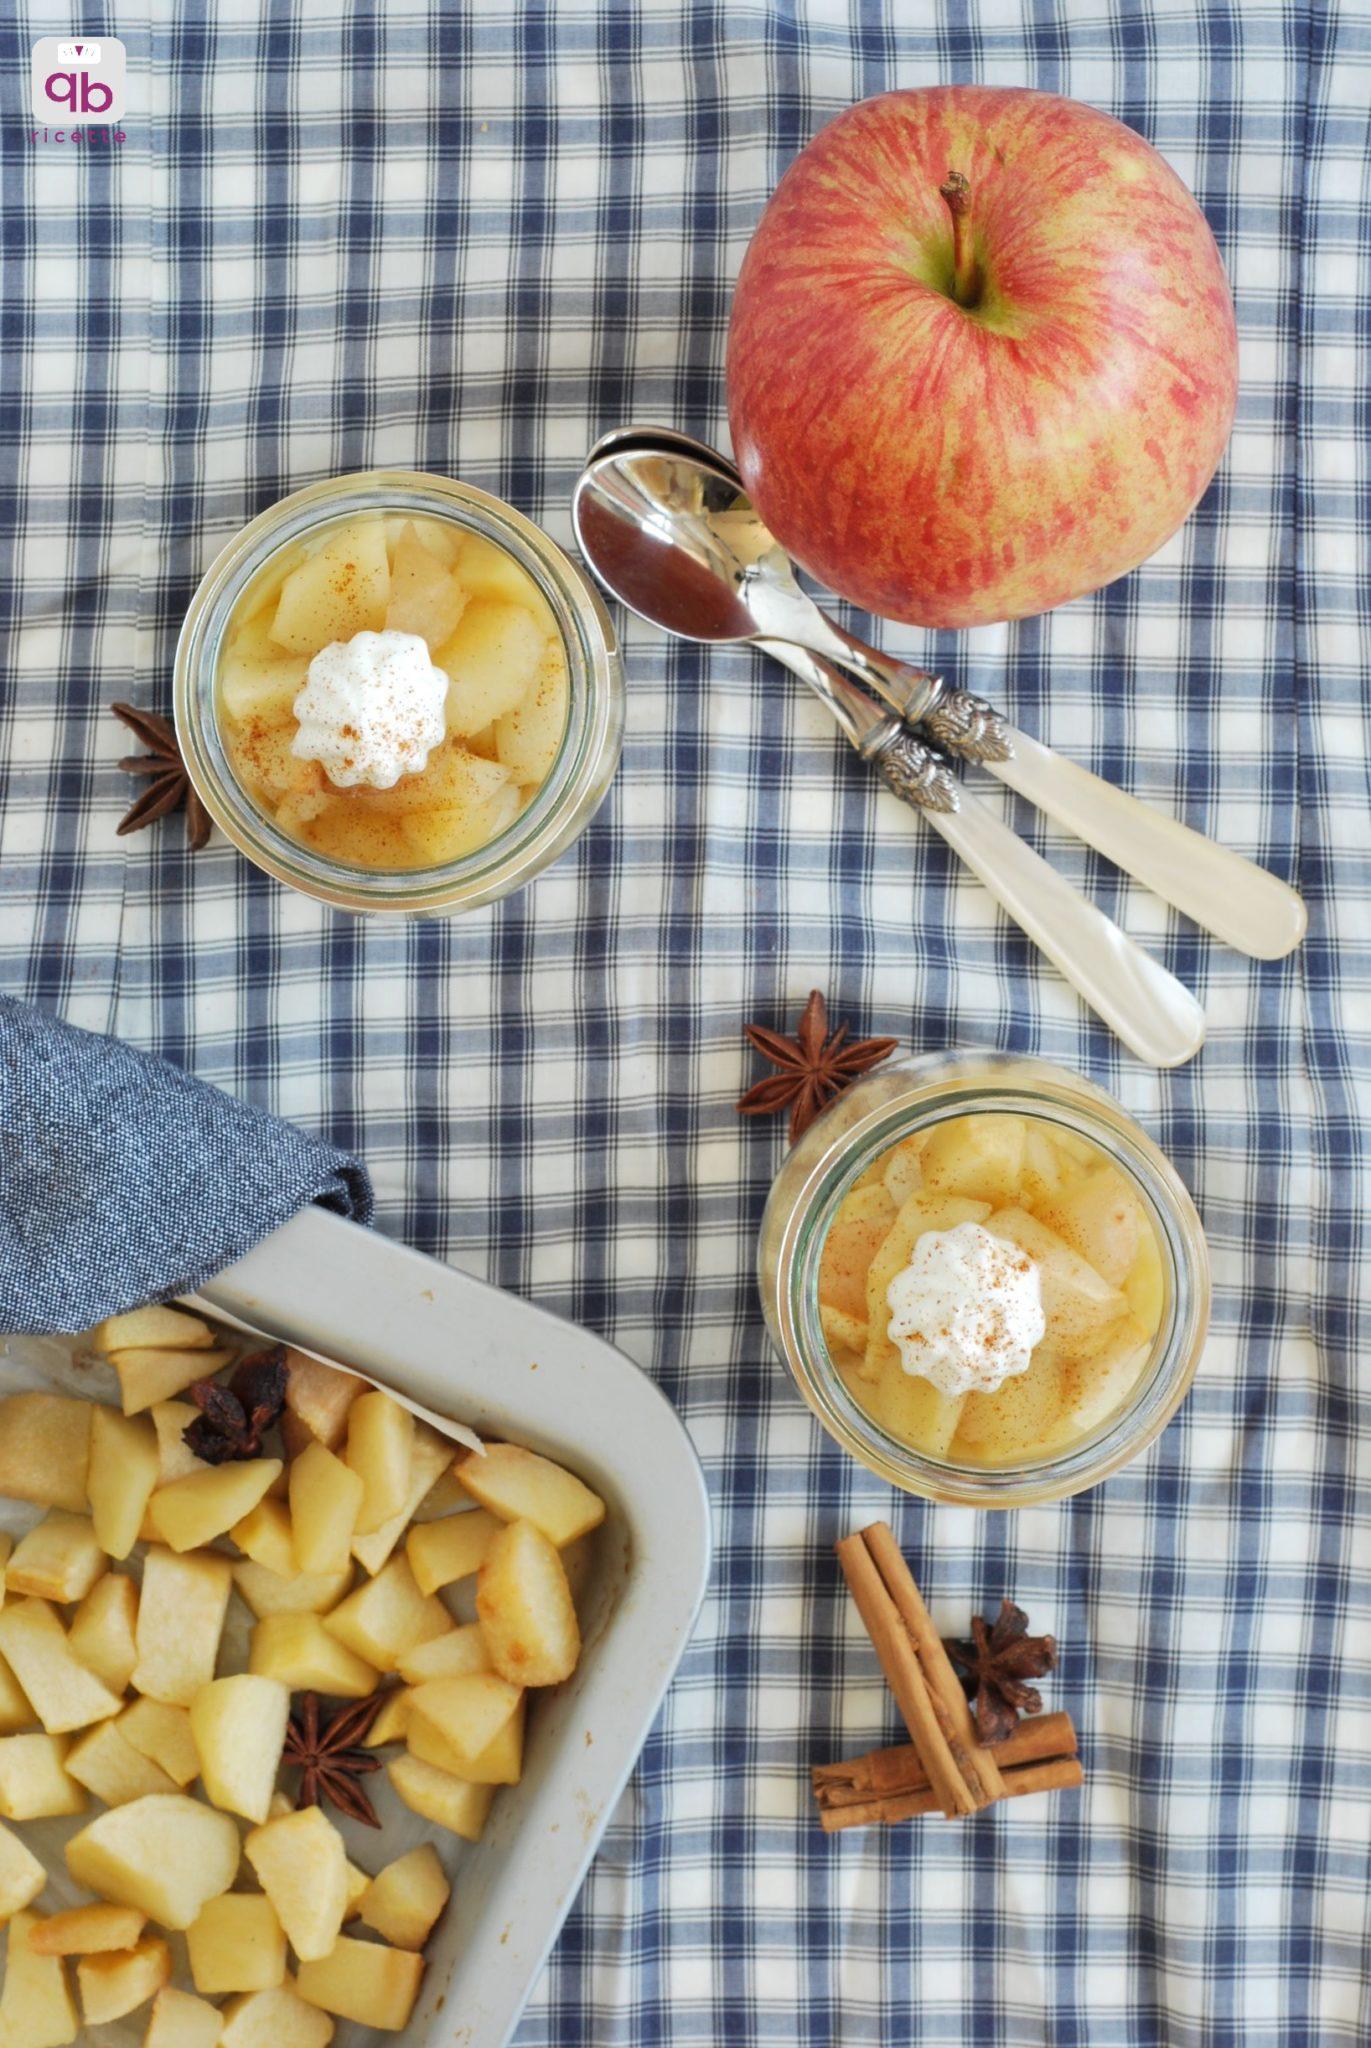 mele e pere cotte con yogurt greco